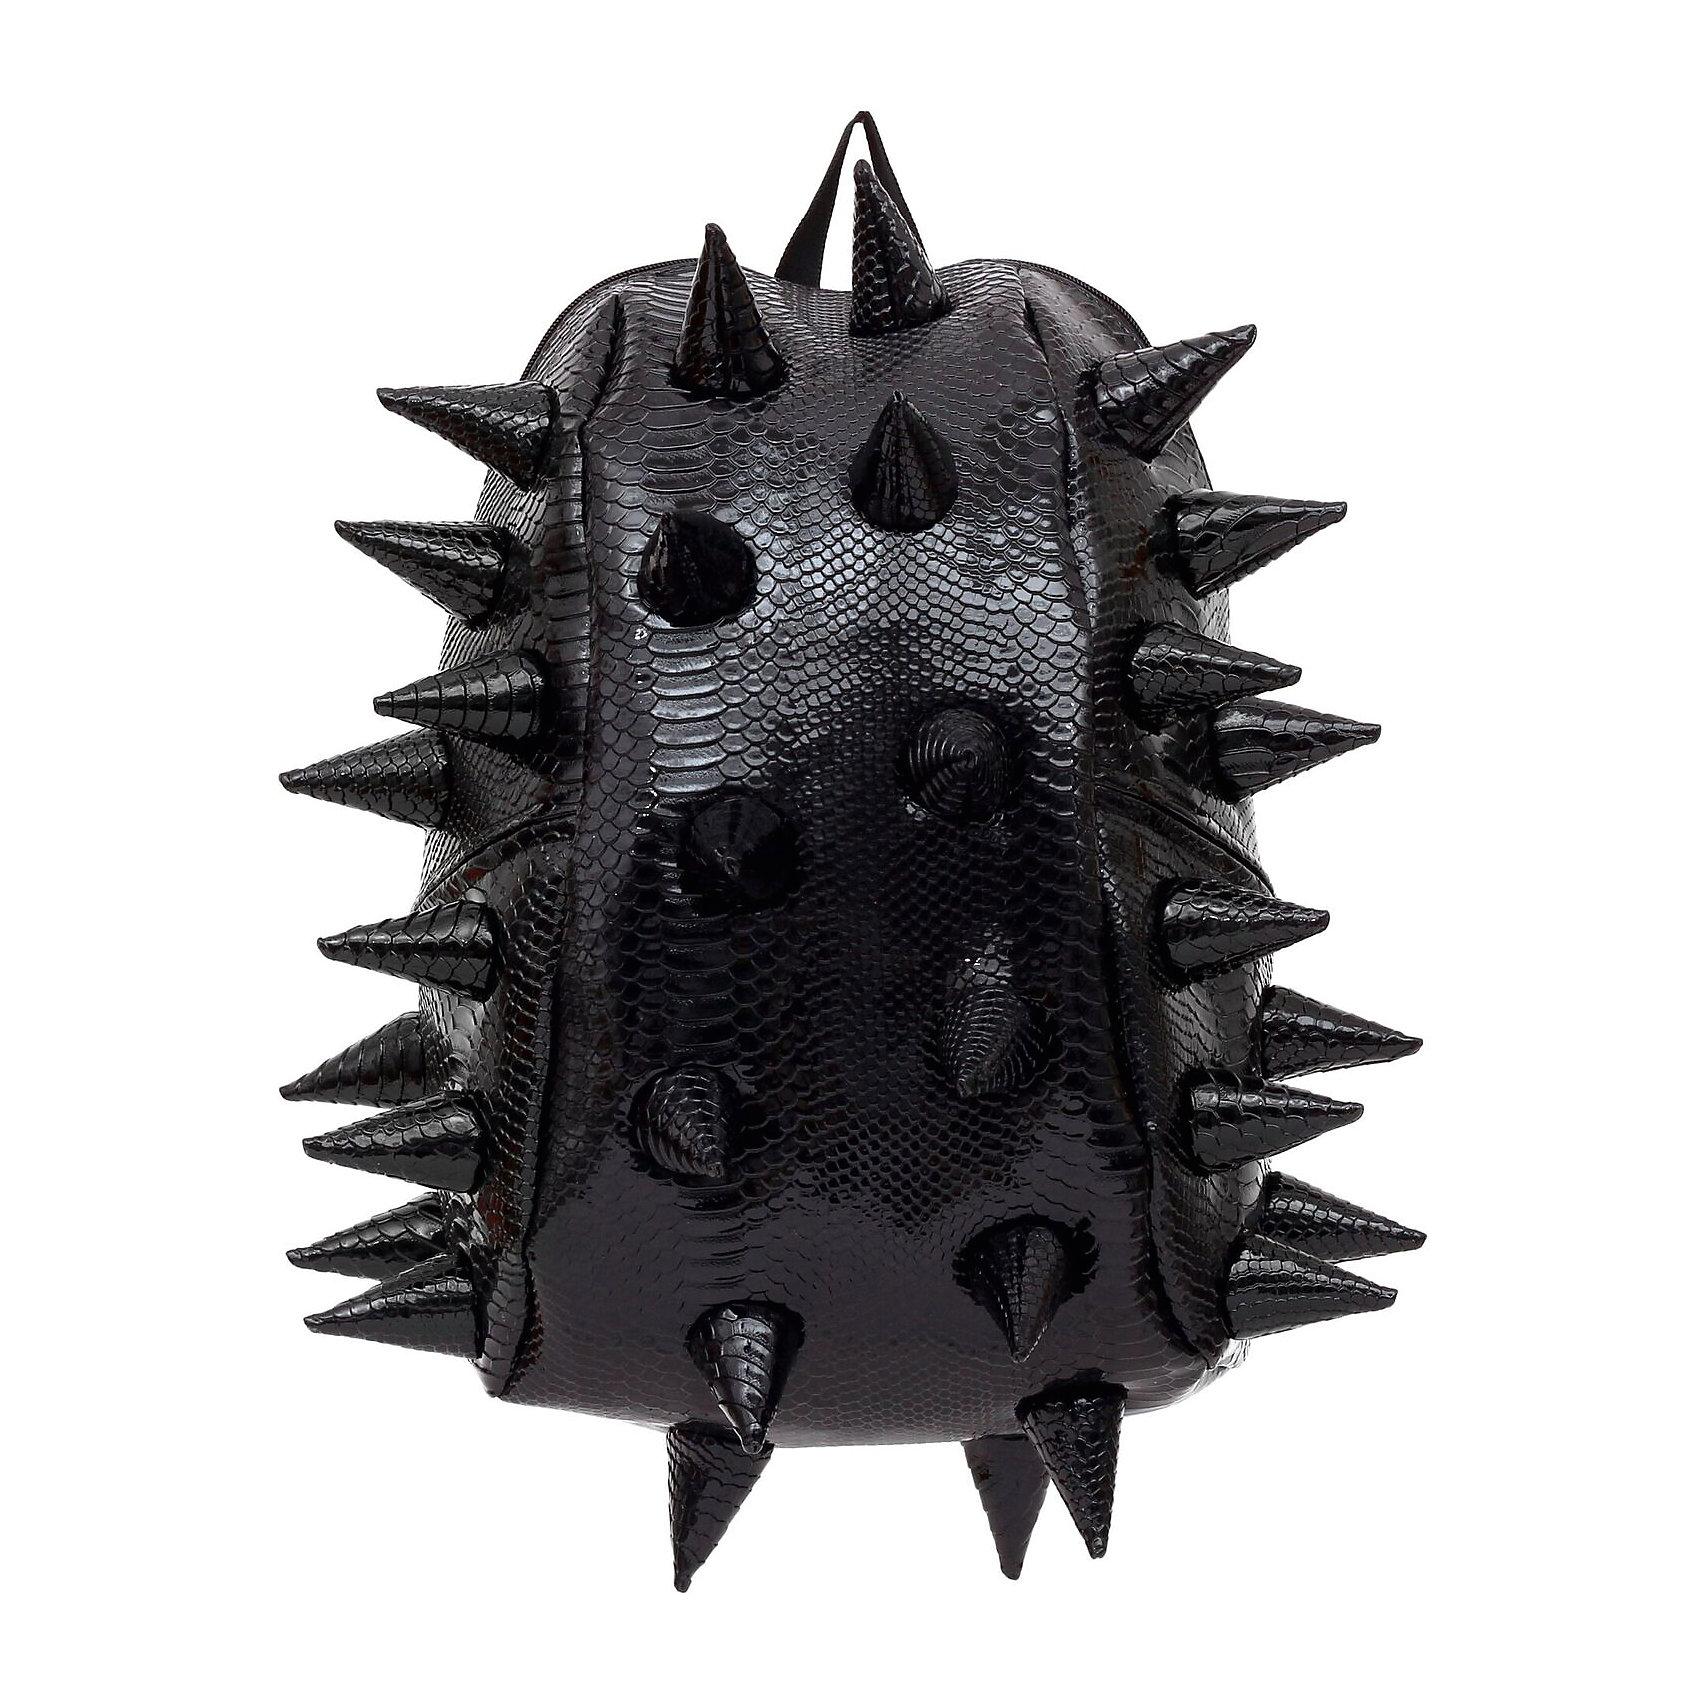 Рюкзак Gator Full, LUXE Black, цвет черныйРюкзаки<br>Вес: 0,8 кг<br>Размер: 46х35х20 см<br>Состав: рюкзак<br>Наличие светоотражающих элементов: нет<br>Материал: поливинил<br><br>Ширина мм: 460<br>Глубина мм: 350<br>Высота мм: 200<br>Вес г: 800<br>Возраст от месяцев: 60<br>Возраст до месяцев: 720<br>Пол: Унисекс<br>Возраст: Детский<br>SKU: 7054081